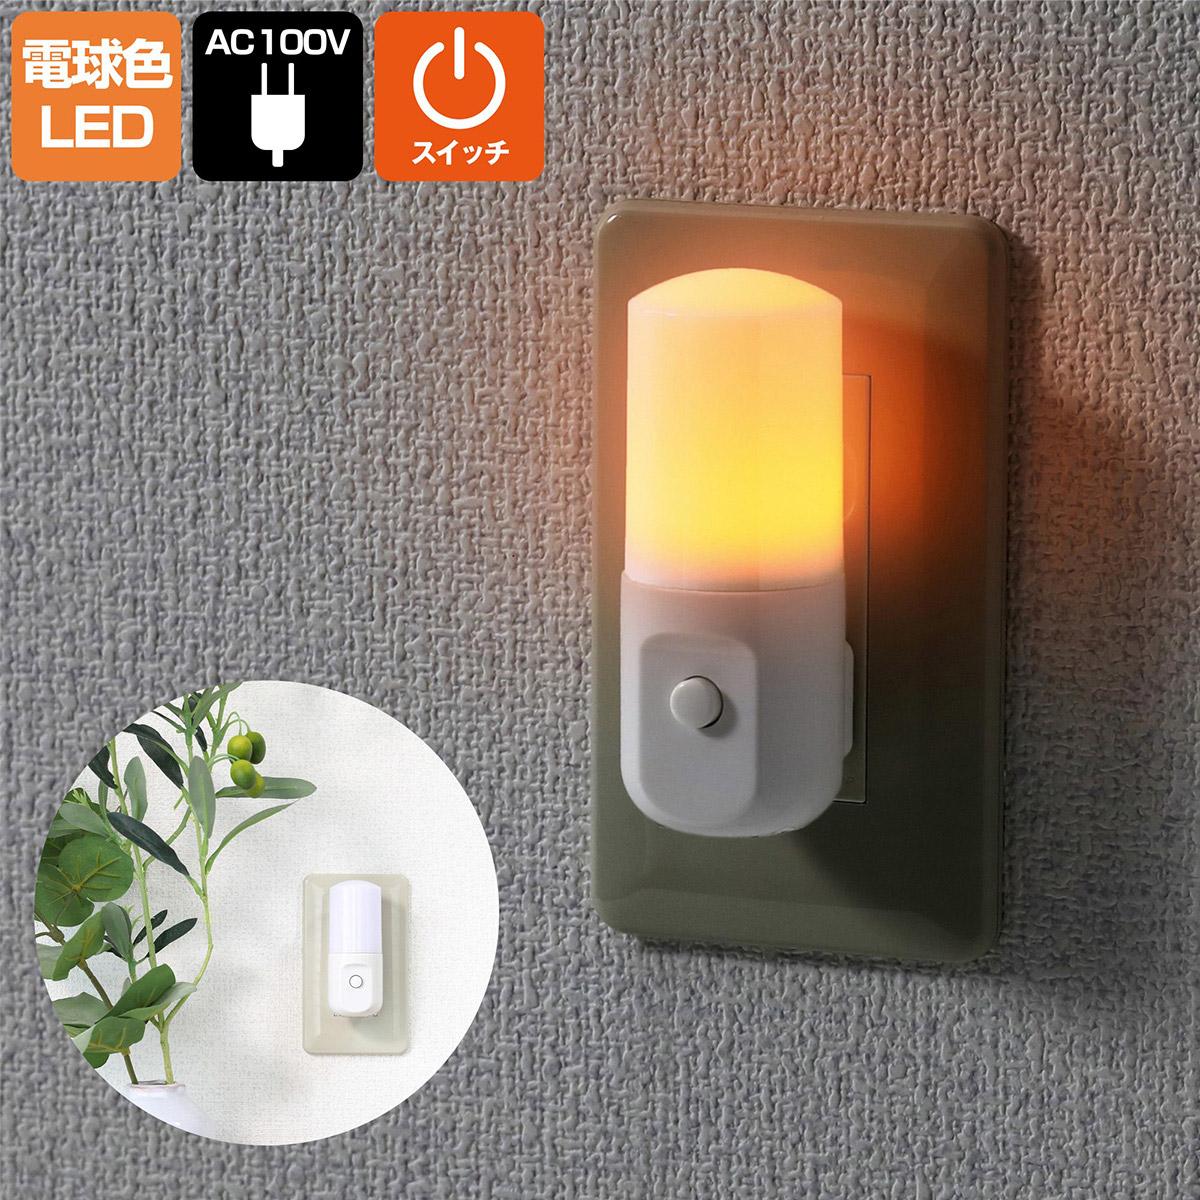 LEDスイッチ付ライト コンセントに差し込むだけ 激安特価品 エルパ スイッチ付LEDナイトライト セール 登場から人気沸騰 白色 PM-LSW1 W 節電スイッチONで点灯するフットライト 足元灯 省エネ 朝日電器 ELPA ホワイト